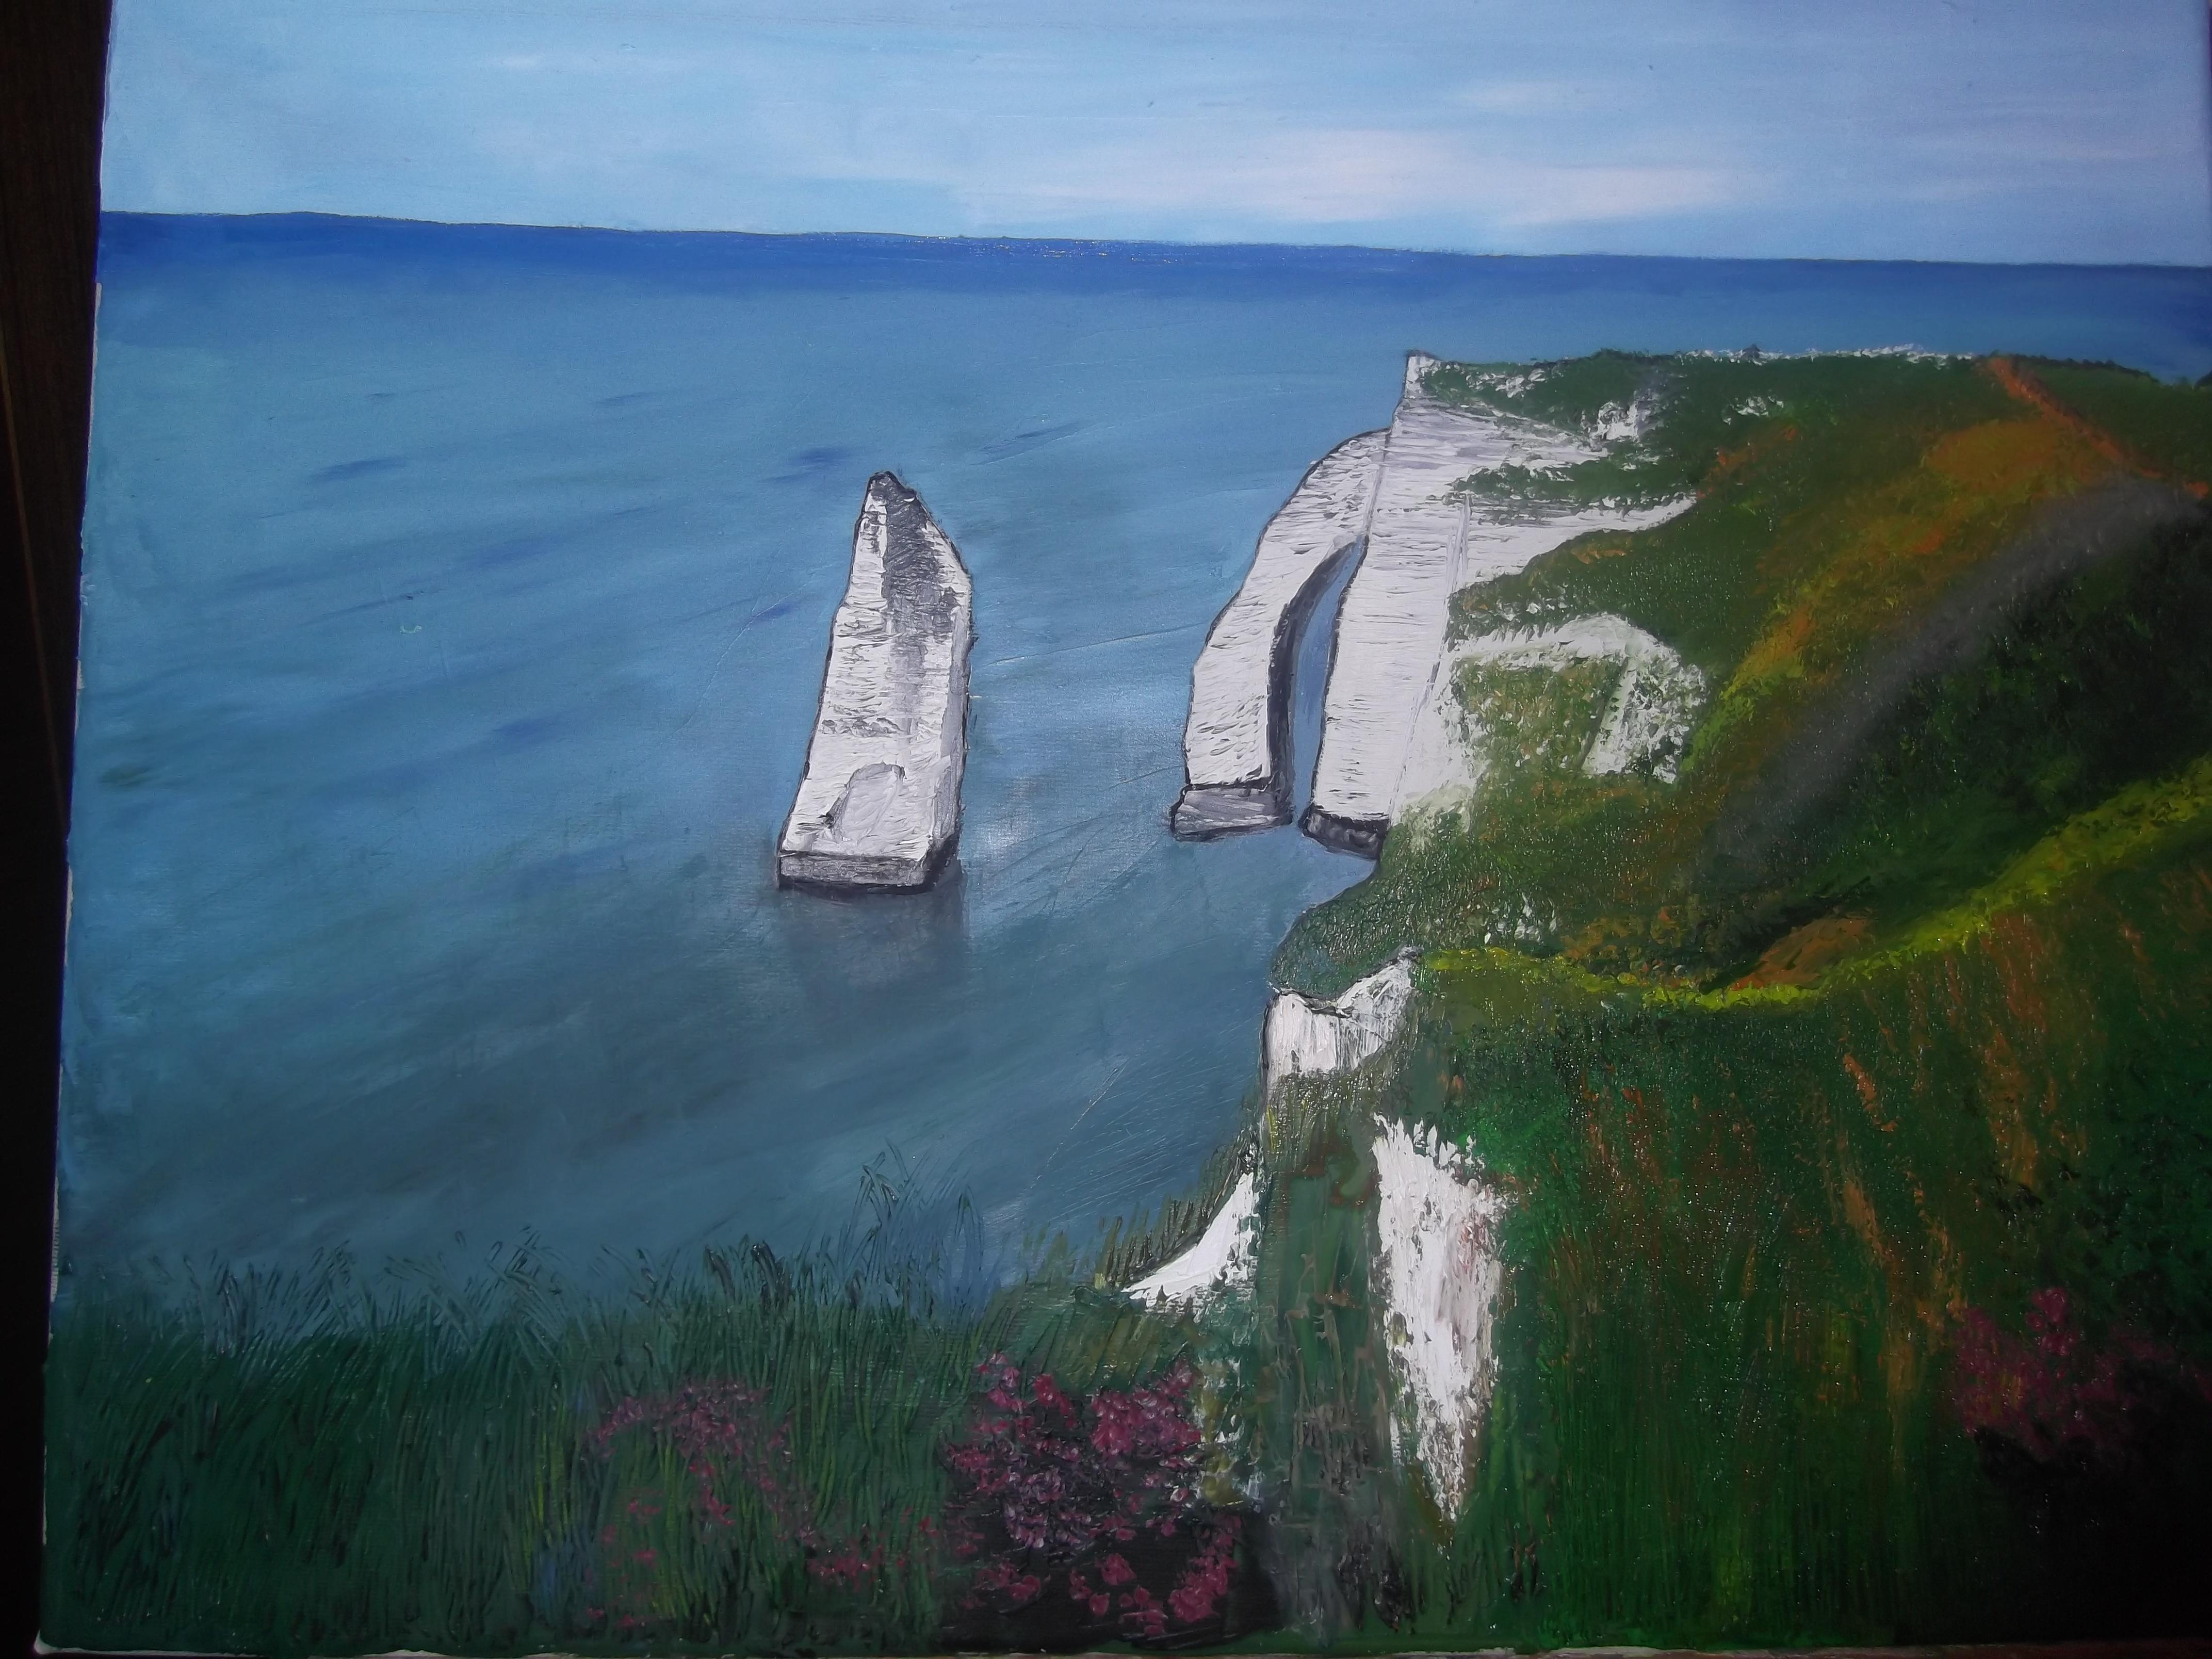 Falaises d'Etretat, paysage montrant des falaises et la mer